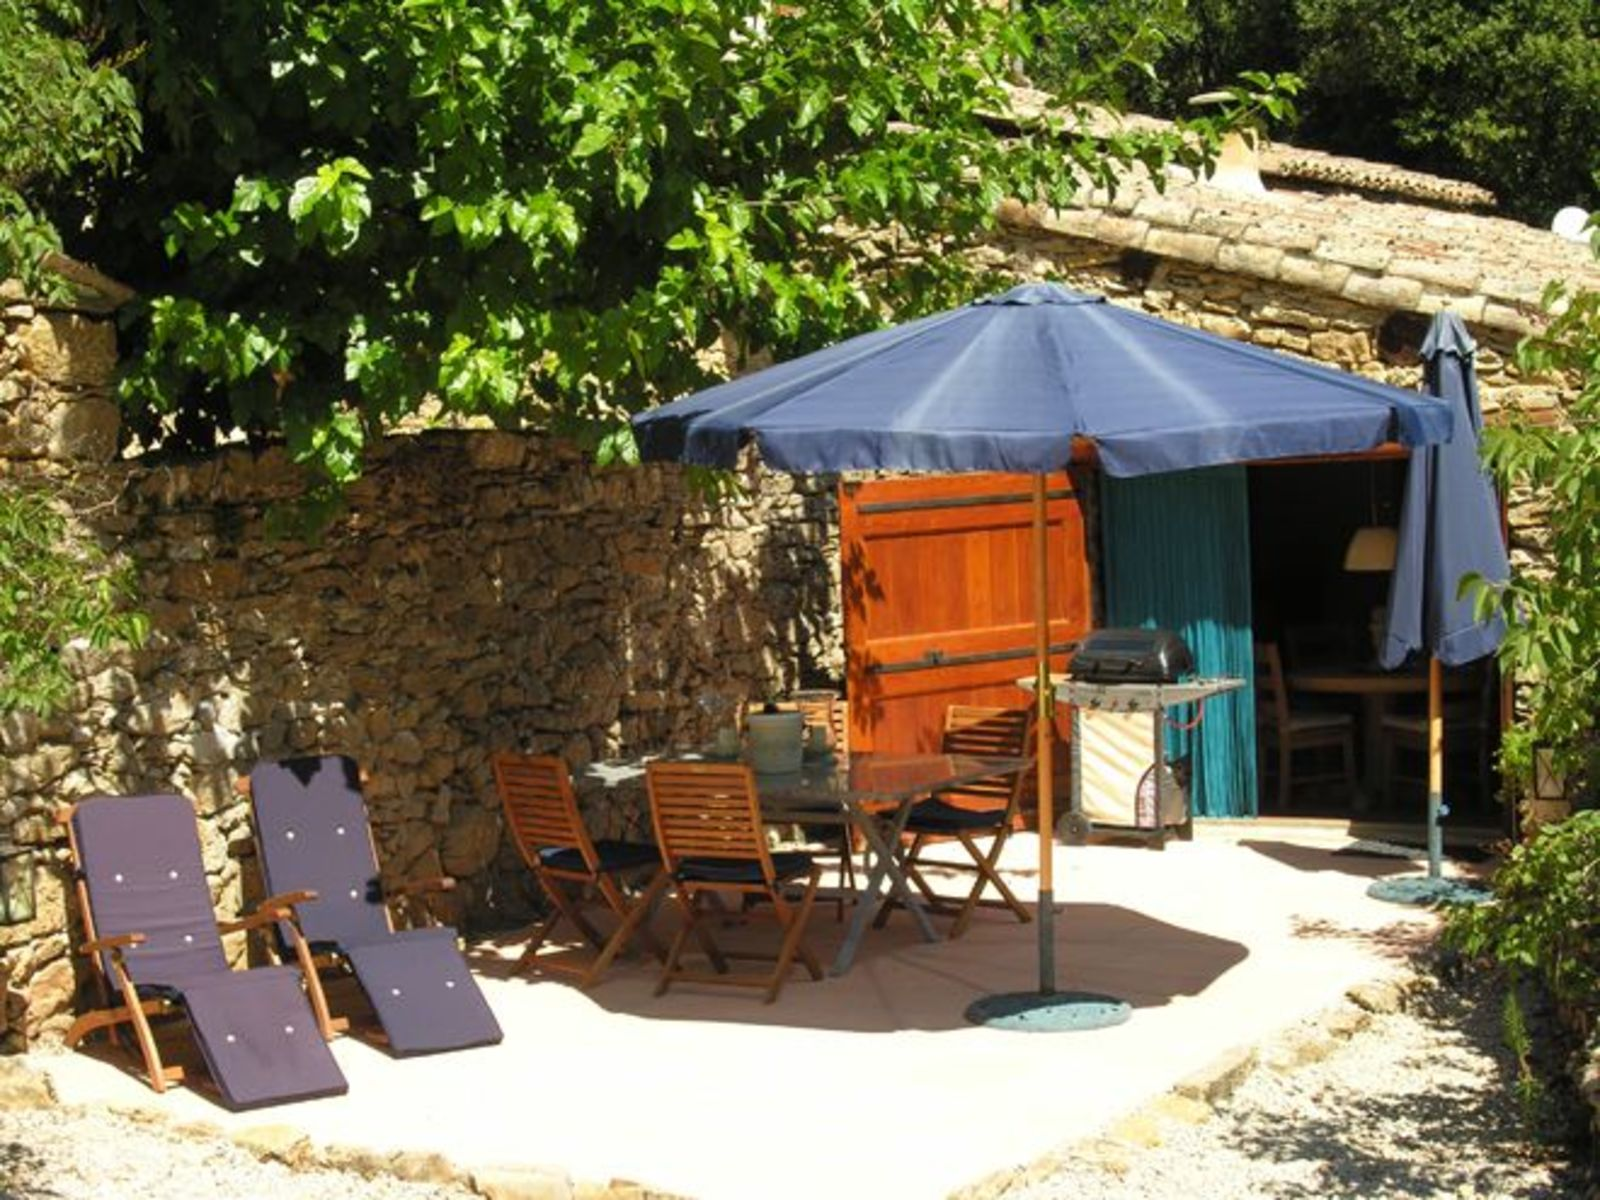 Le Paradis - gîte vakantiehuis met zwembad in Zuid-Frankrijk